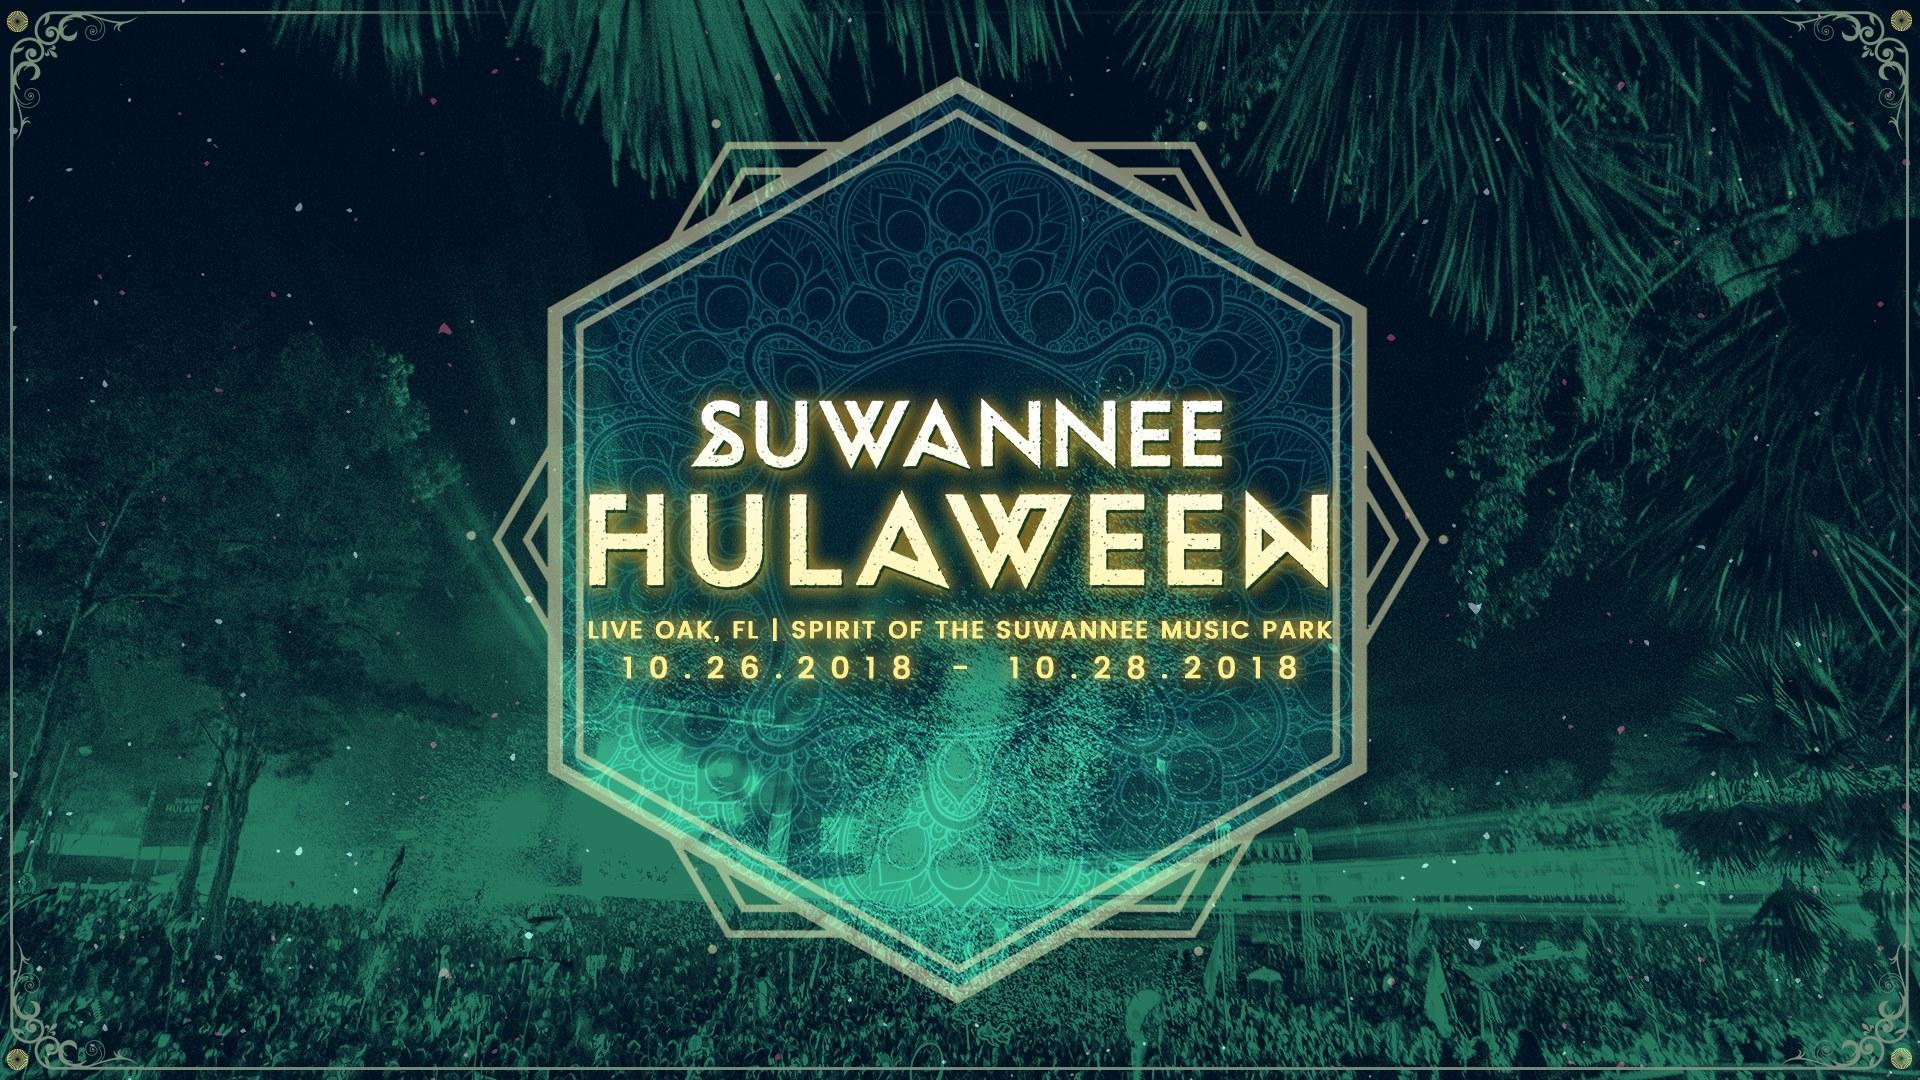 Suwannee Hulaween 2018 Banner